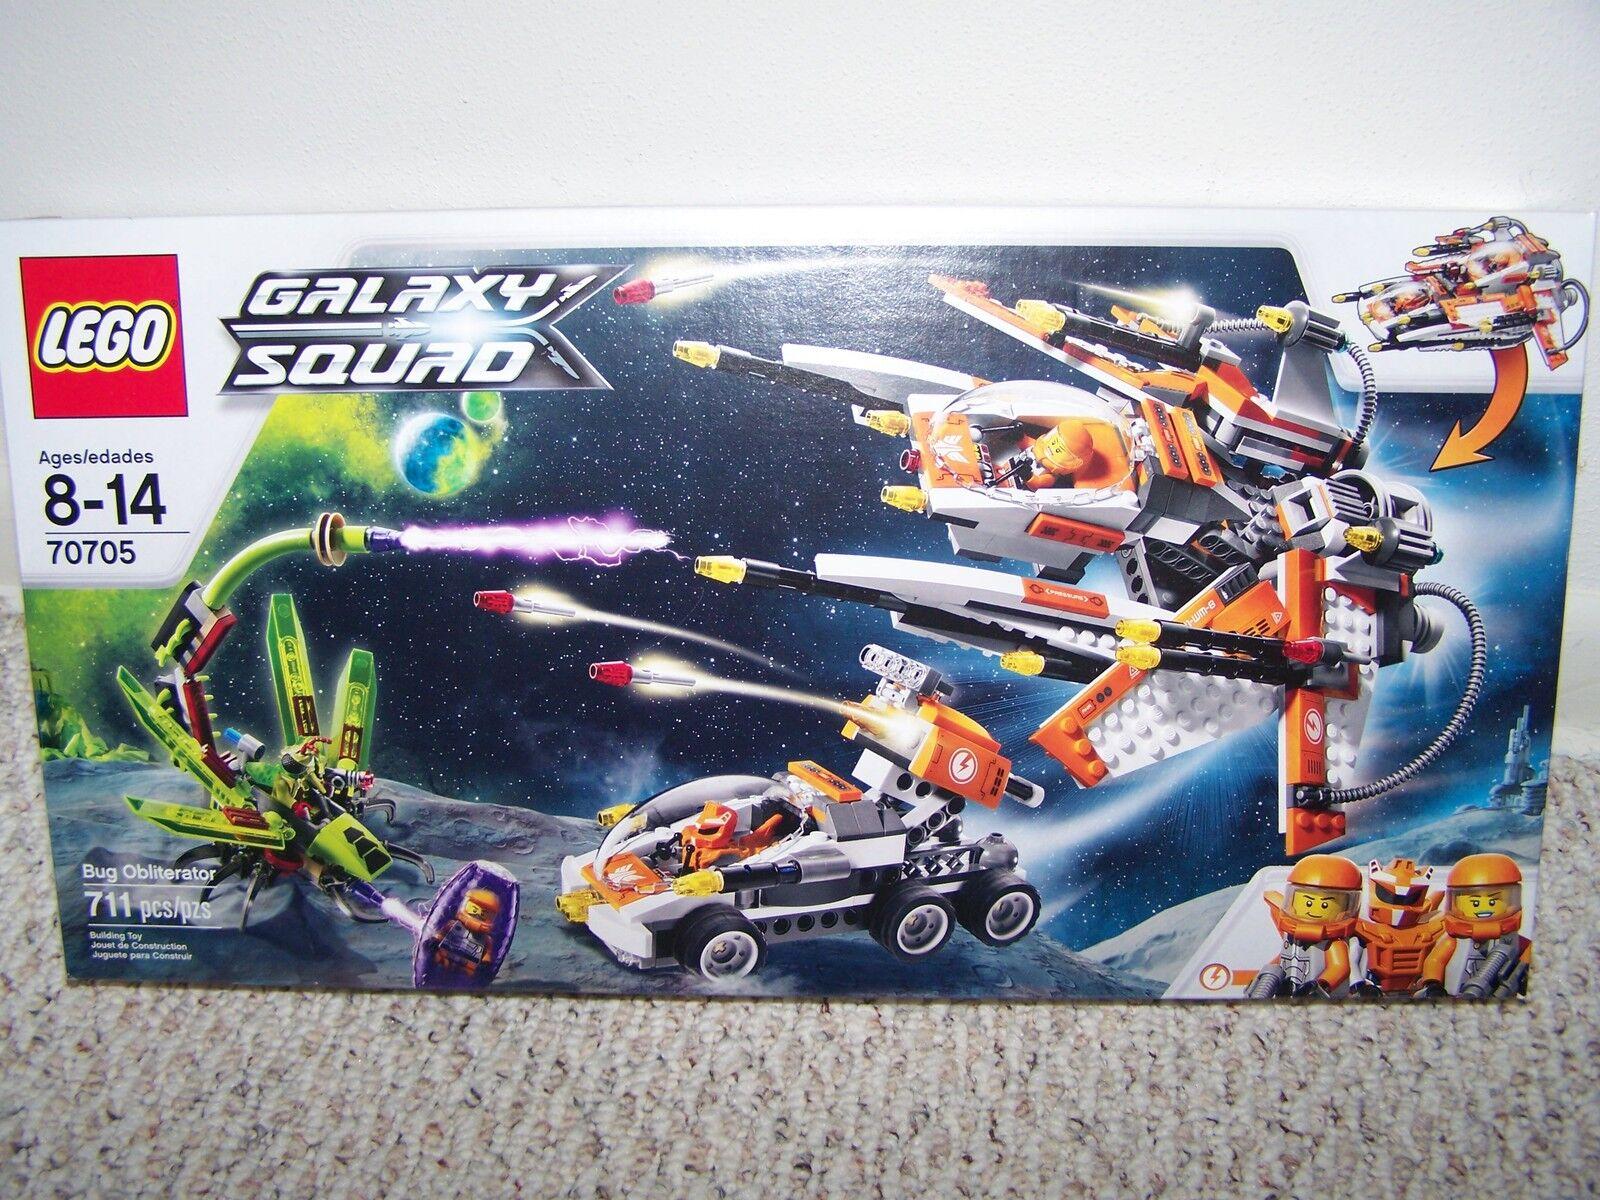 *LEGO GALAXY SQUAD   BUG OBLITERATOR   70705